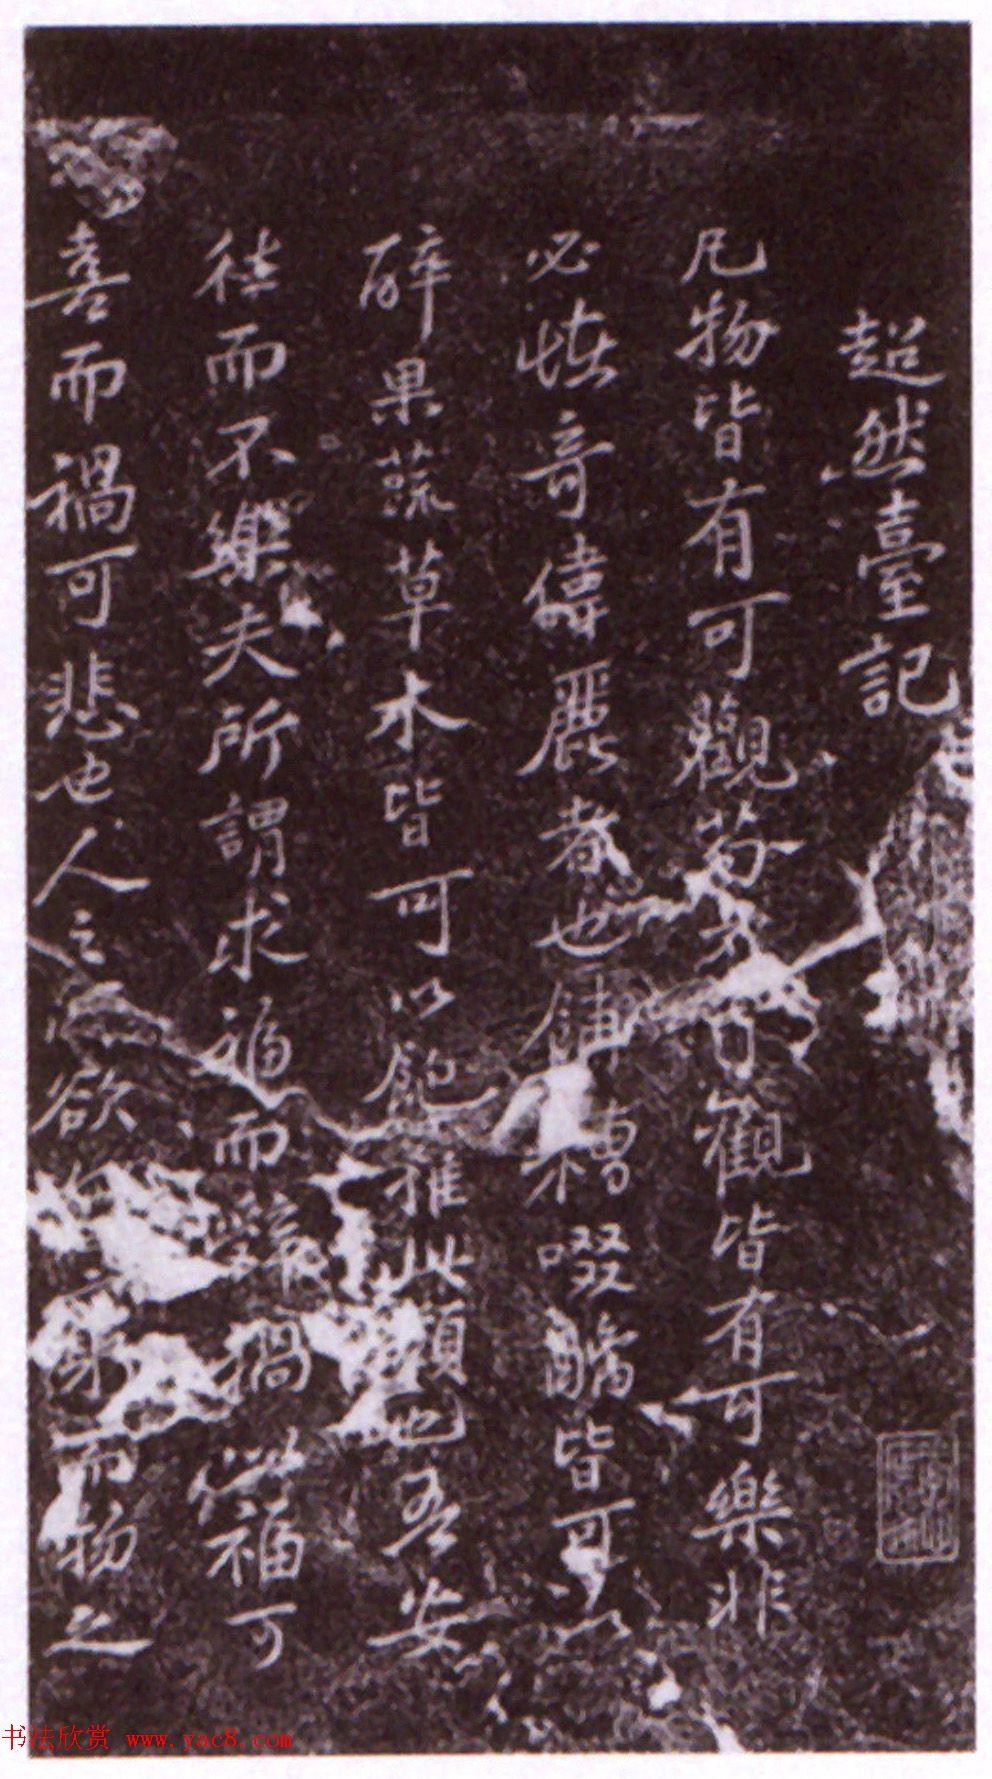 苏东坡40岁书法《超然台记石刻》